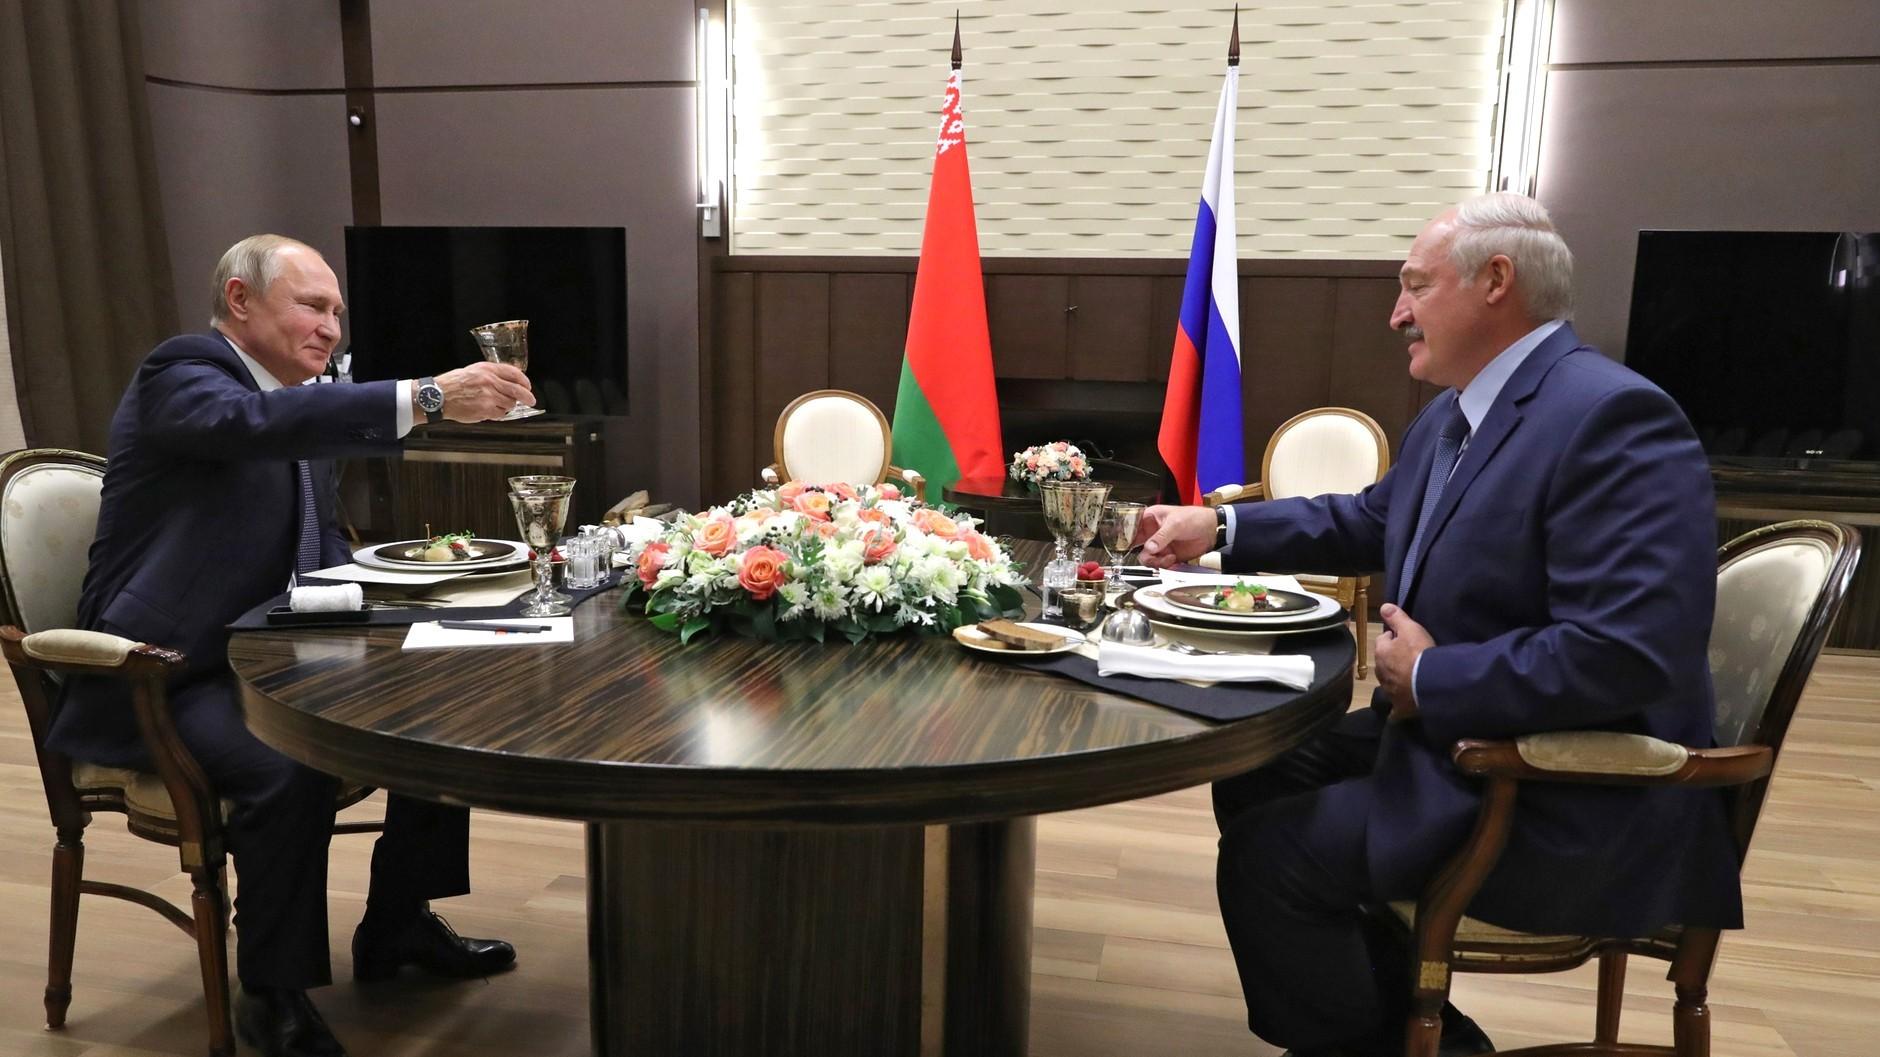 Uffe Gardel om Hviderusland: Hvornår griber Rusland ind?